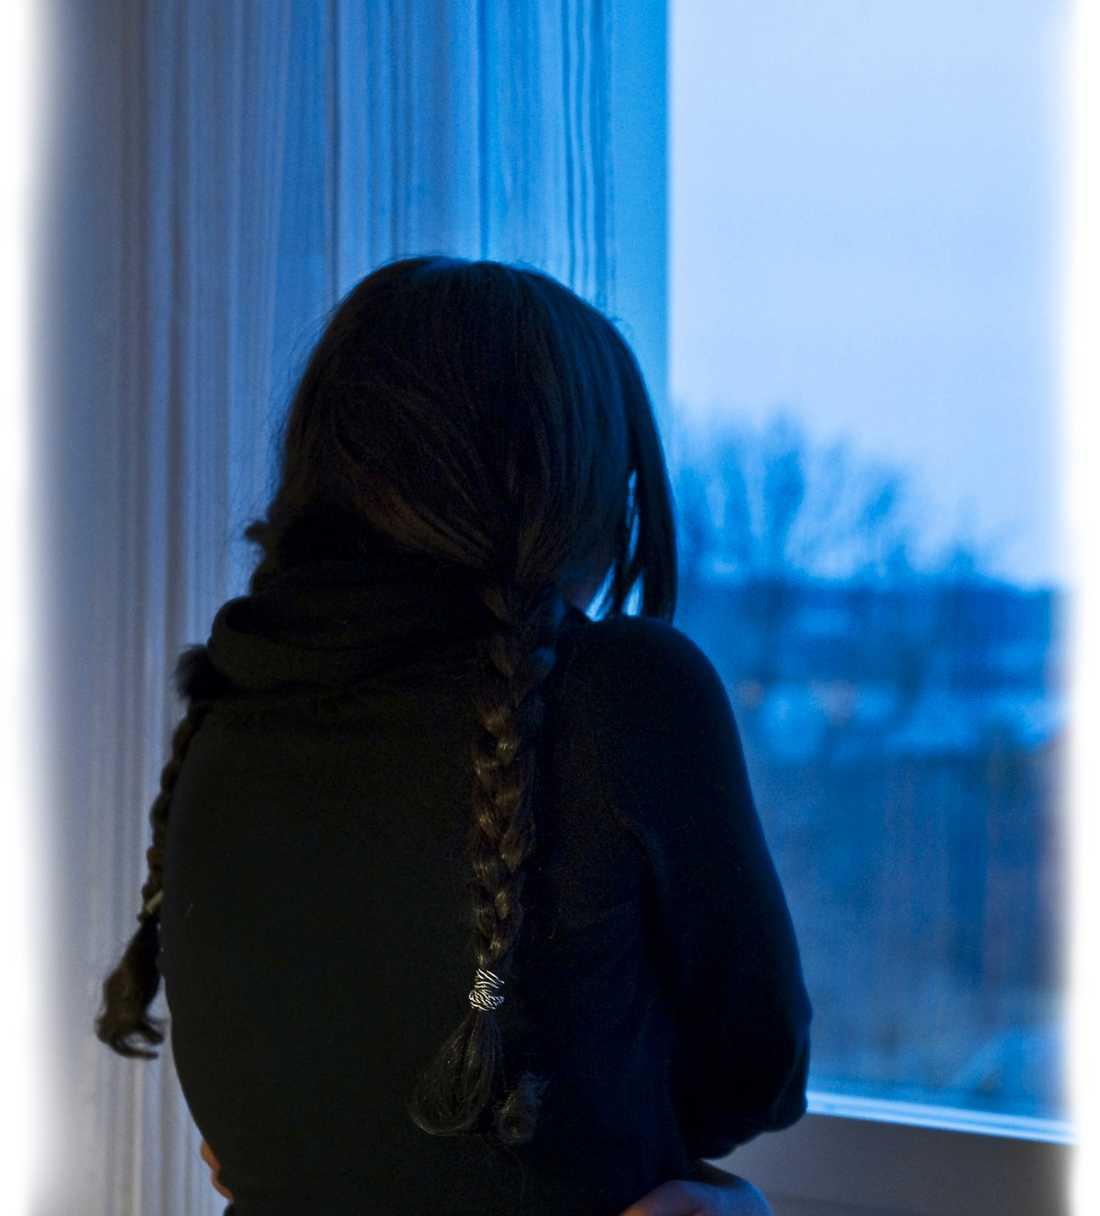 SKICKAS TILLBAKA ENSAM Sandra har sålts till tre olika män, enligt henne själv och åklagaren. När hon har vägrat att vara till lags har de slagit henne. Bundit henne. Tvingat sig på henne. Nu ska hon skickas tillbaka till sitt hemland. Ensam.